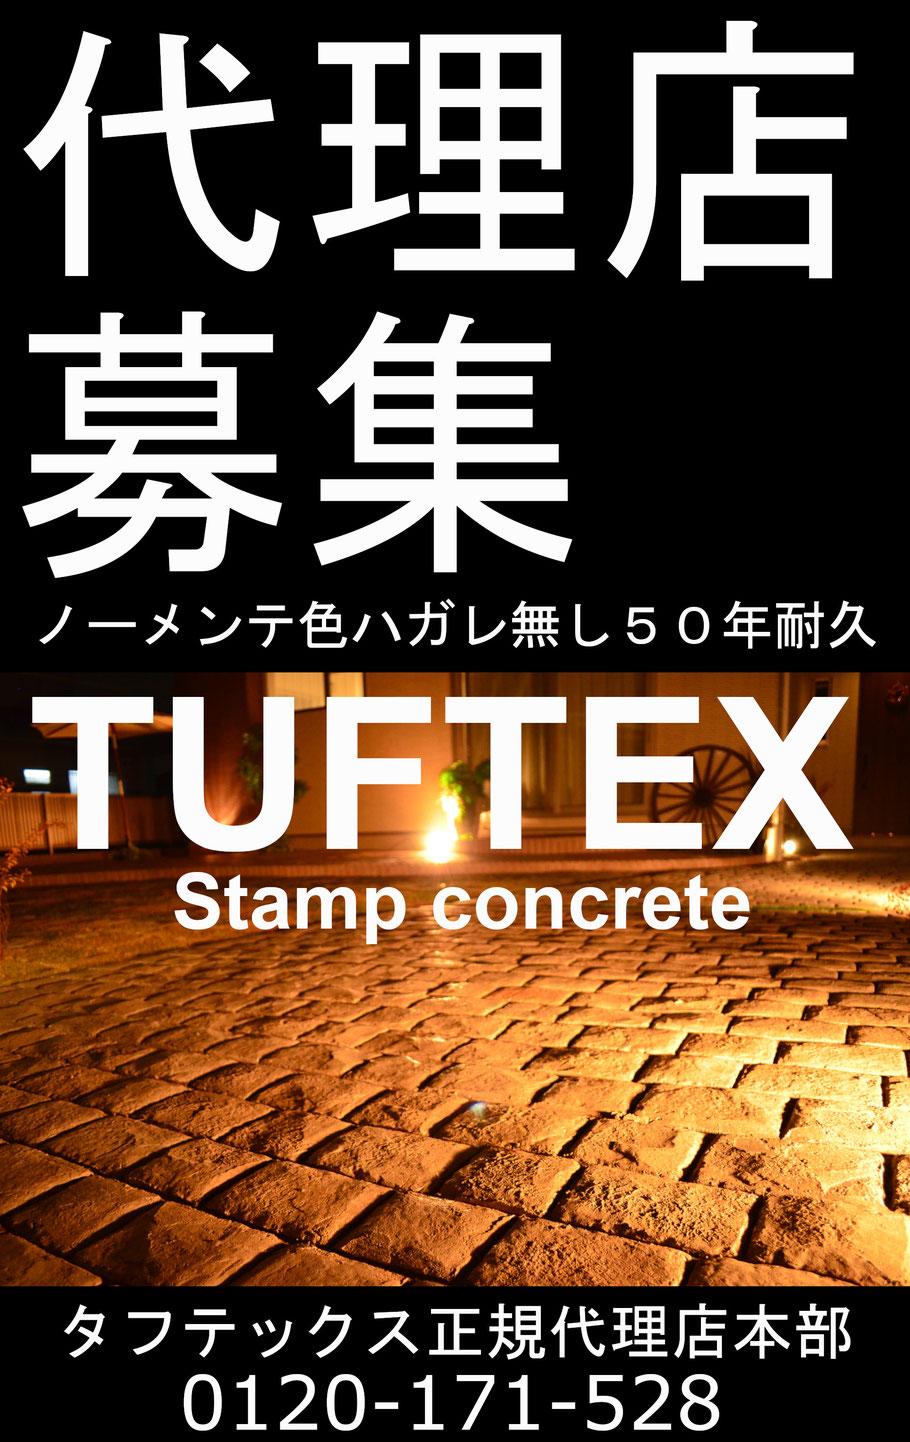 スタンプコンクリート ステンシル ファンタジー モルタル造形 デザインコンクリート タフテックス ローラーストーン デメリット 失敗 劣化 剥がれ はがれ 色落ち 色褪せ 耐久性 経年変化 スタンプ デザイン コンクリート 滑る 滑り